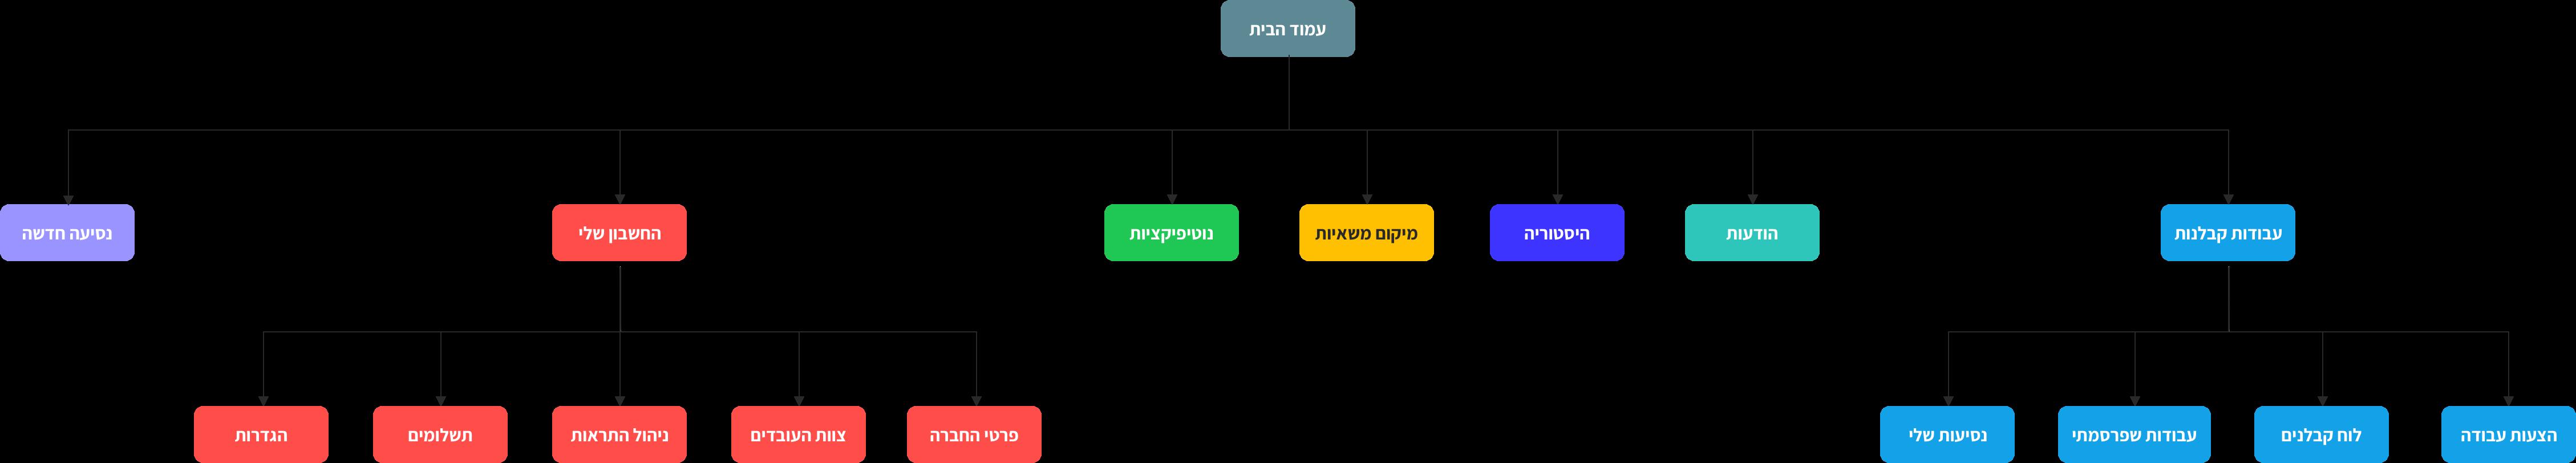 Trucknet architecture